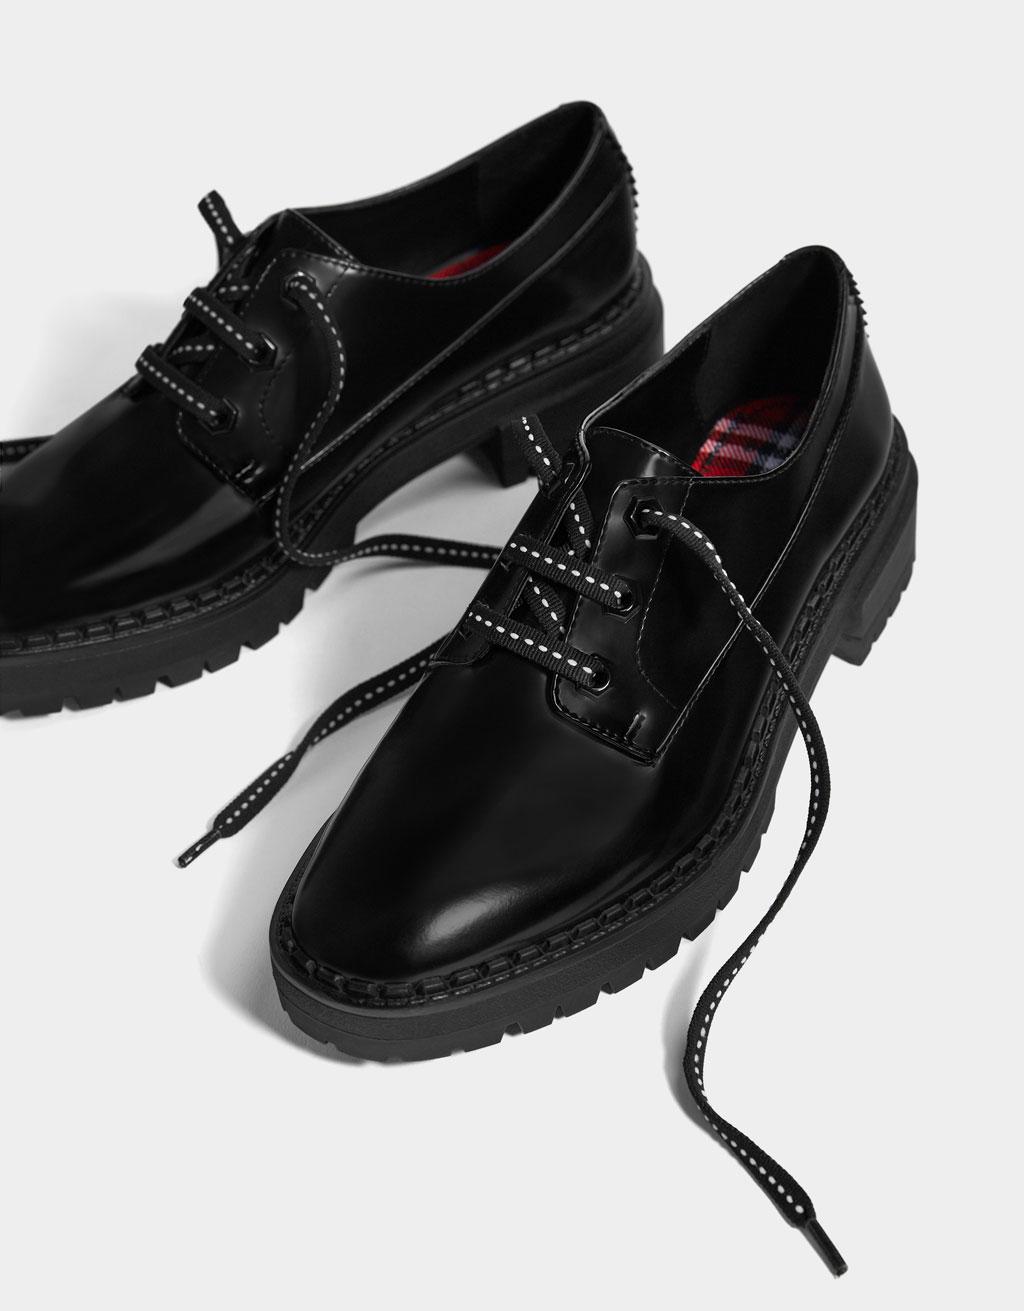 Buty w stylu derby na traperowej podeszwie